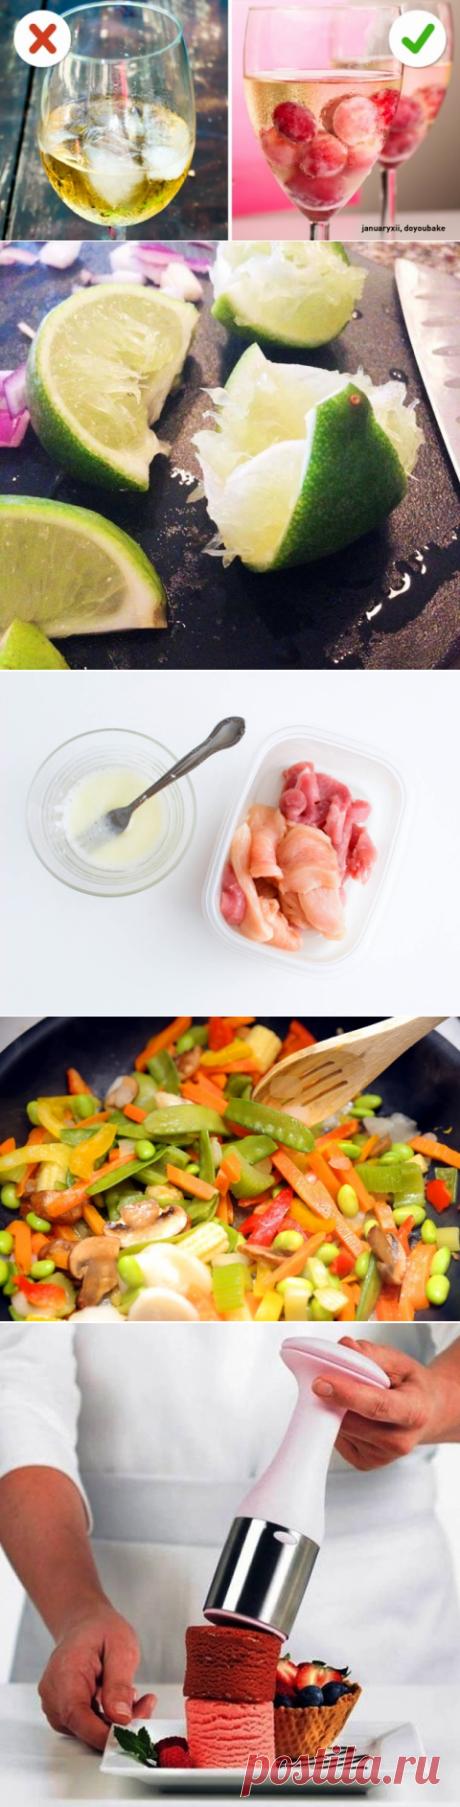 10 простых, но очень полезных кулинарных приемов, которые мы собрали для вас()